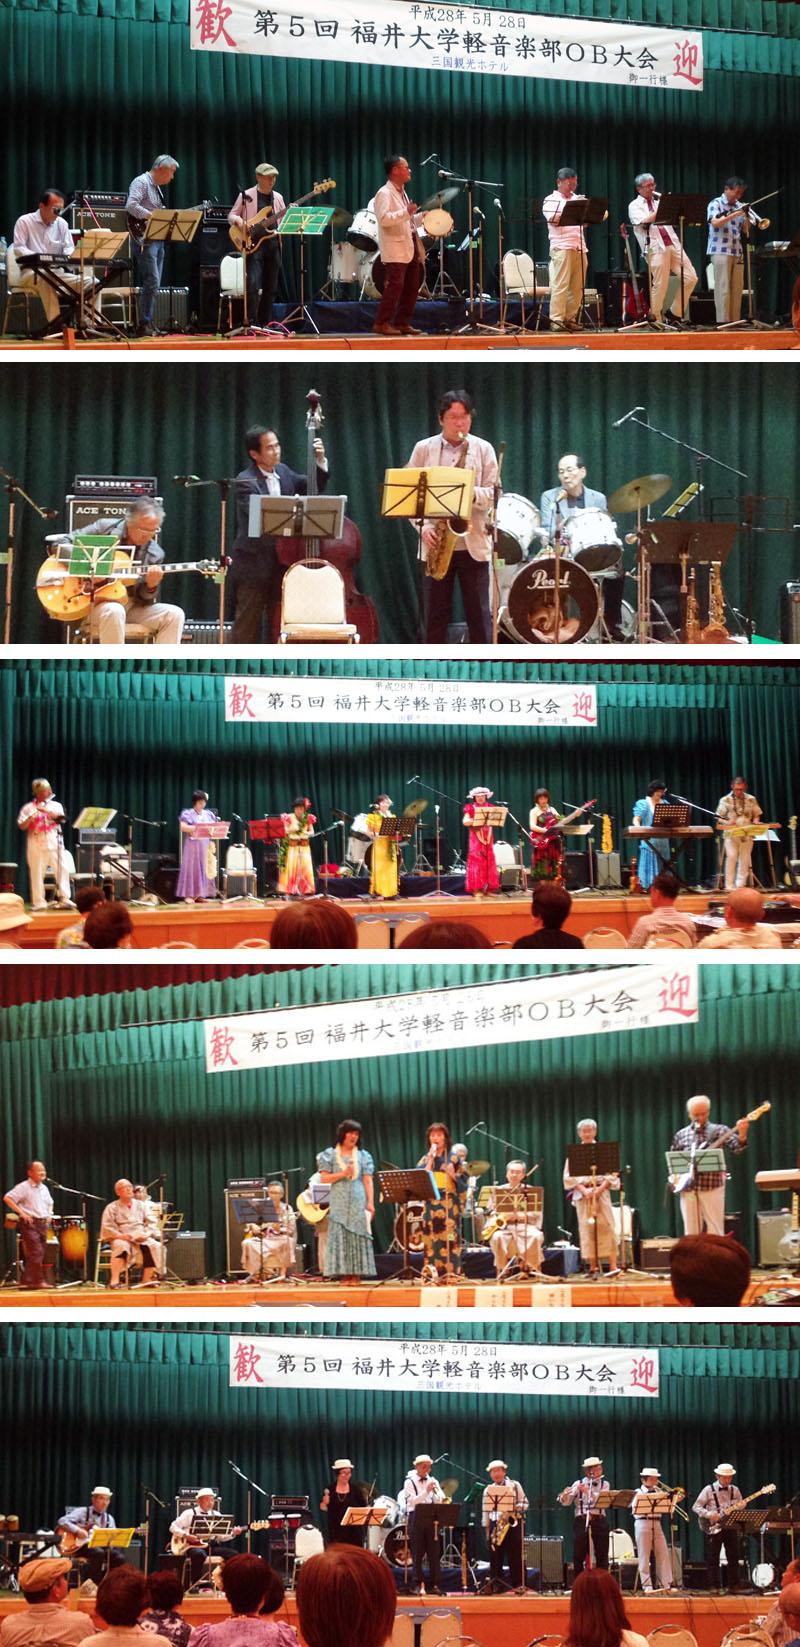 福井、愛知、浜松、奈良、静岡などの出演バンド。連れ合い(妻)がボーカルというバンドもあった。